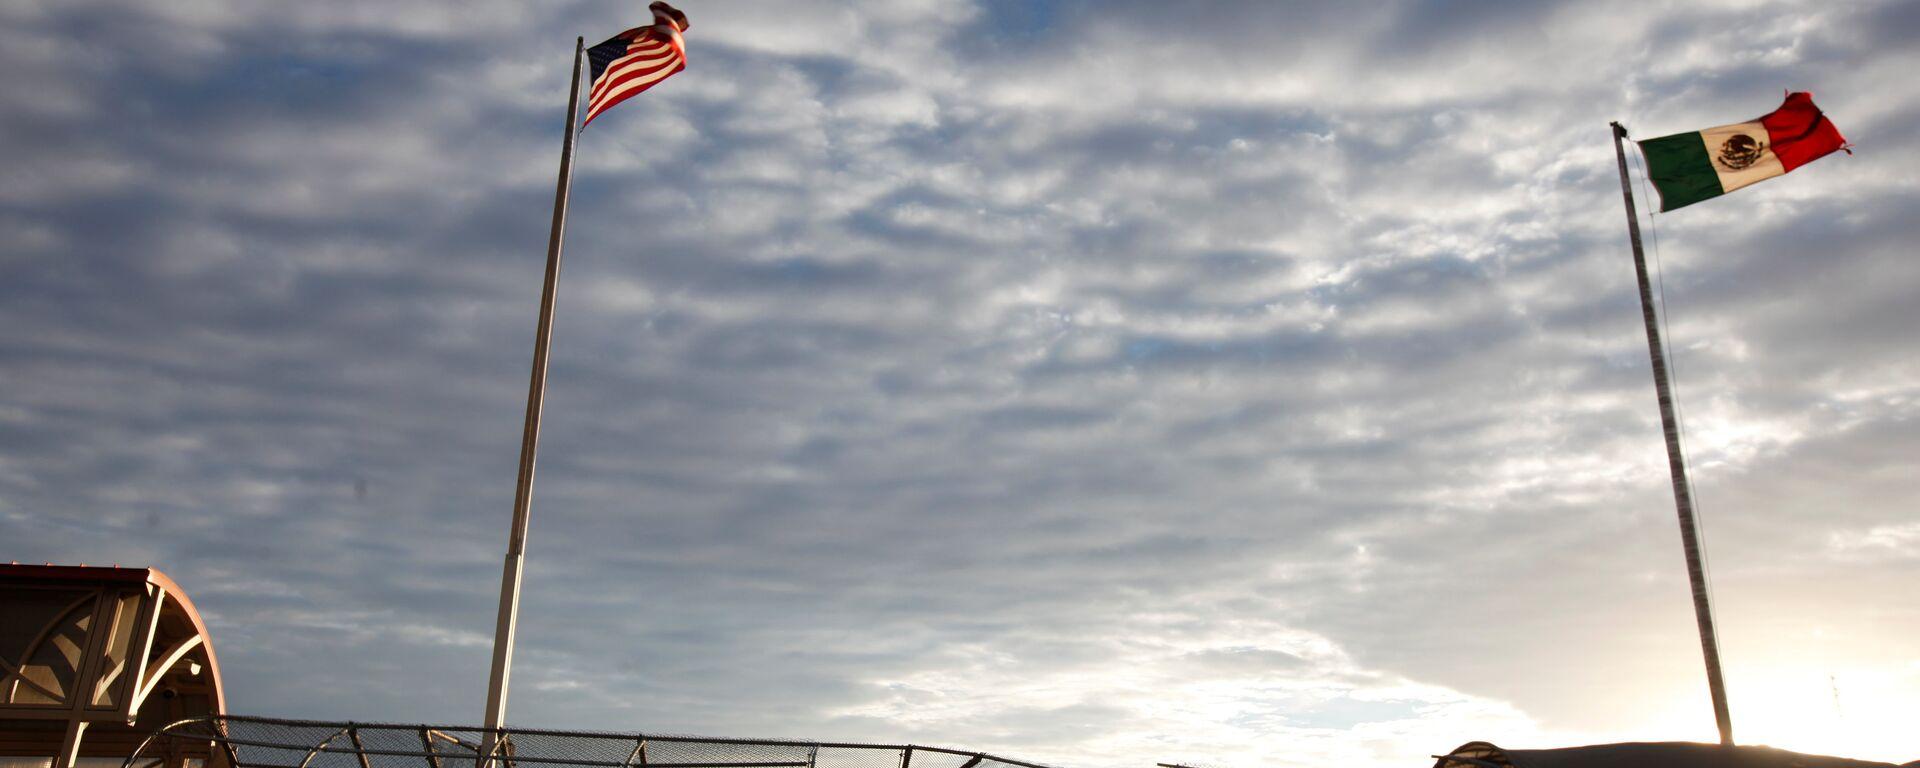 Banderas de EEUU y México en la frontera entre los dos países - Sputnik Mundo, 1920, 12.03.2021